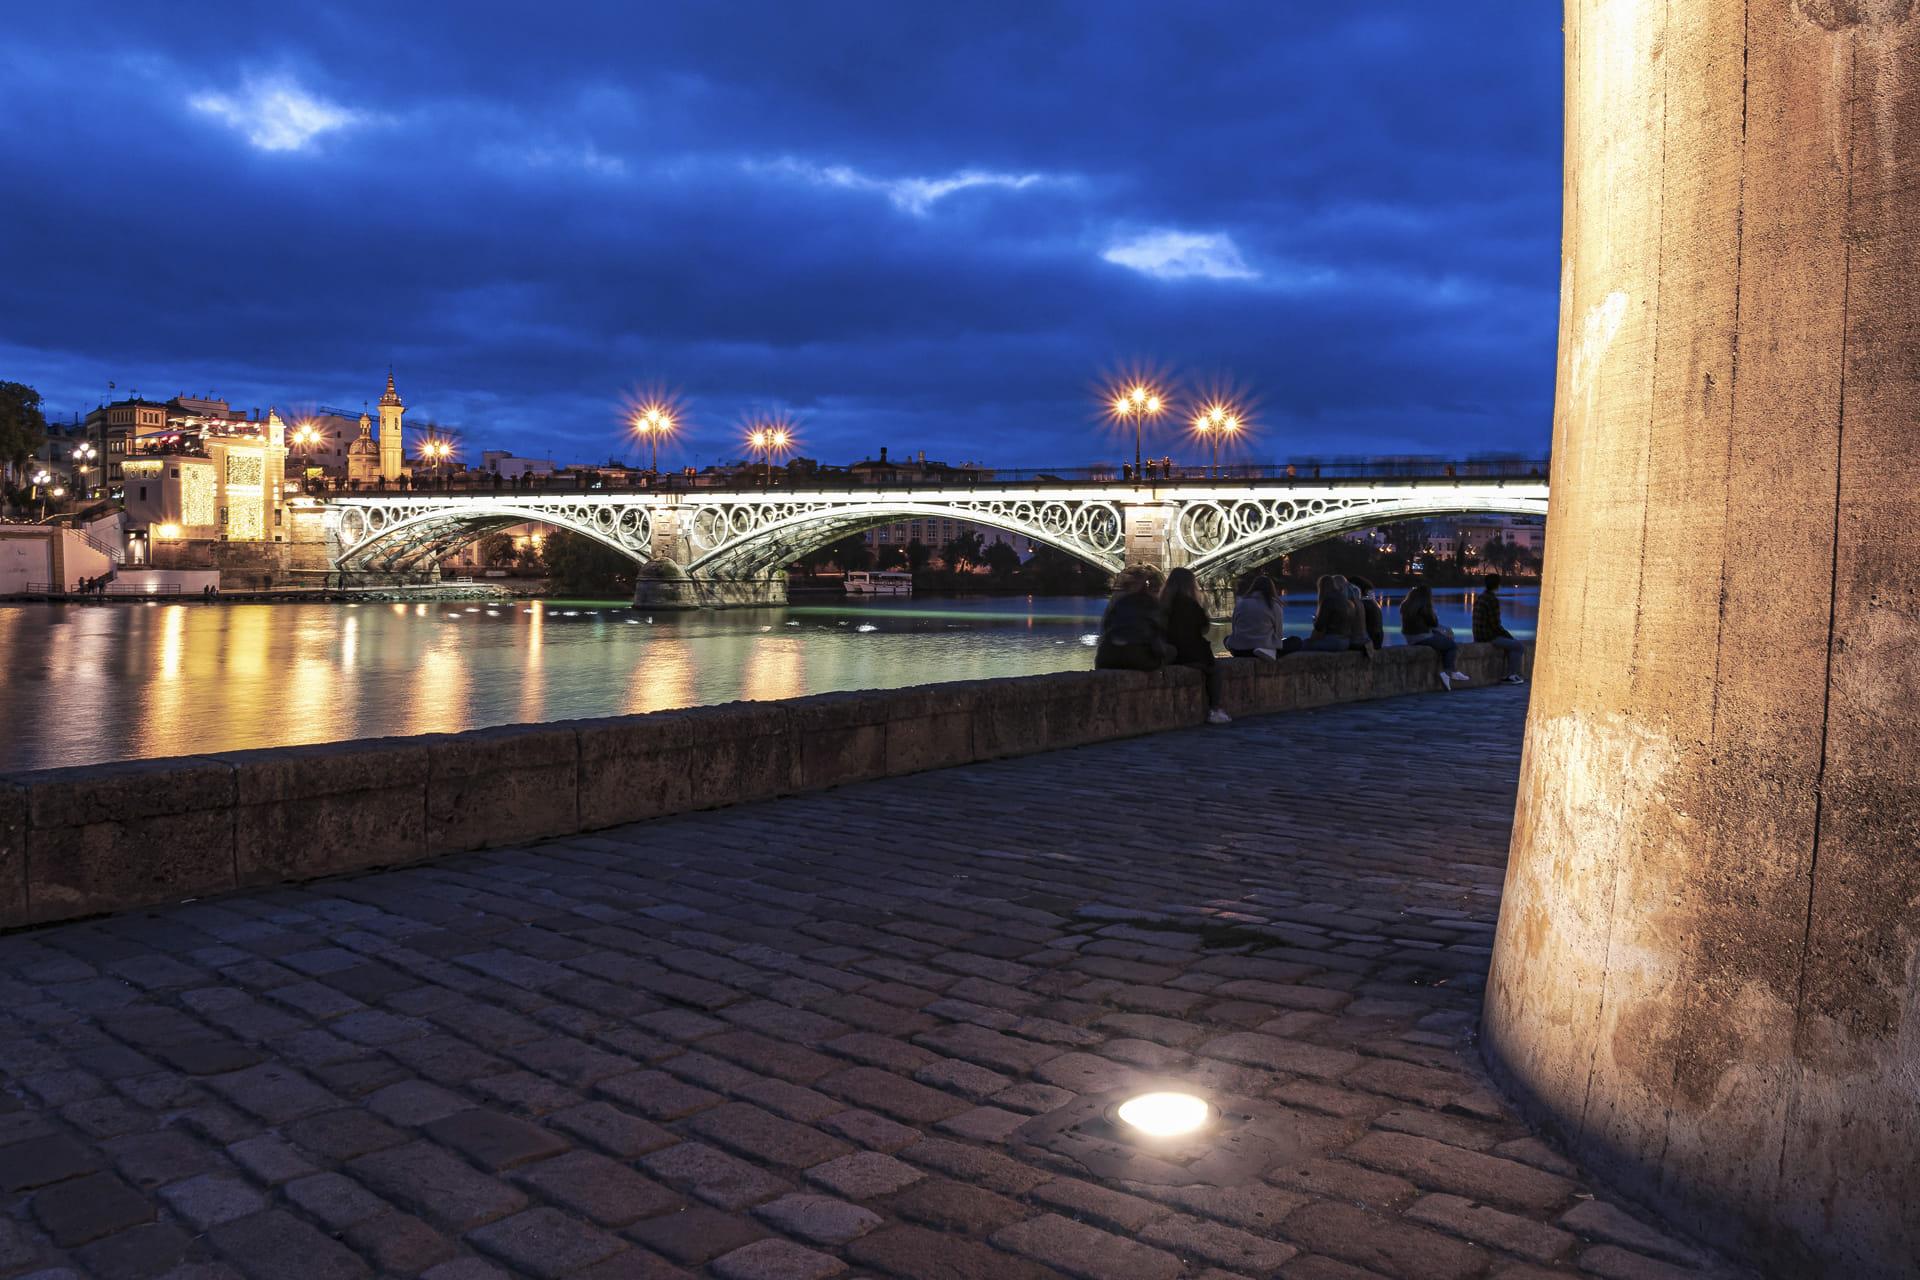 Sevilla con Triana.